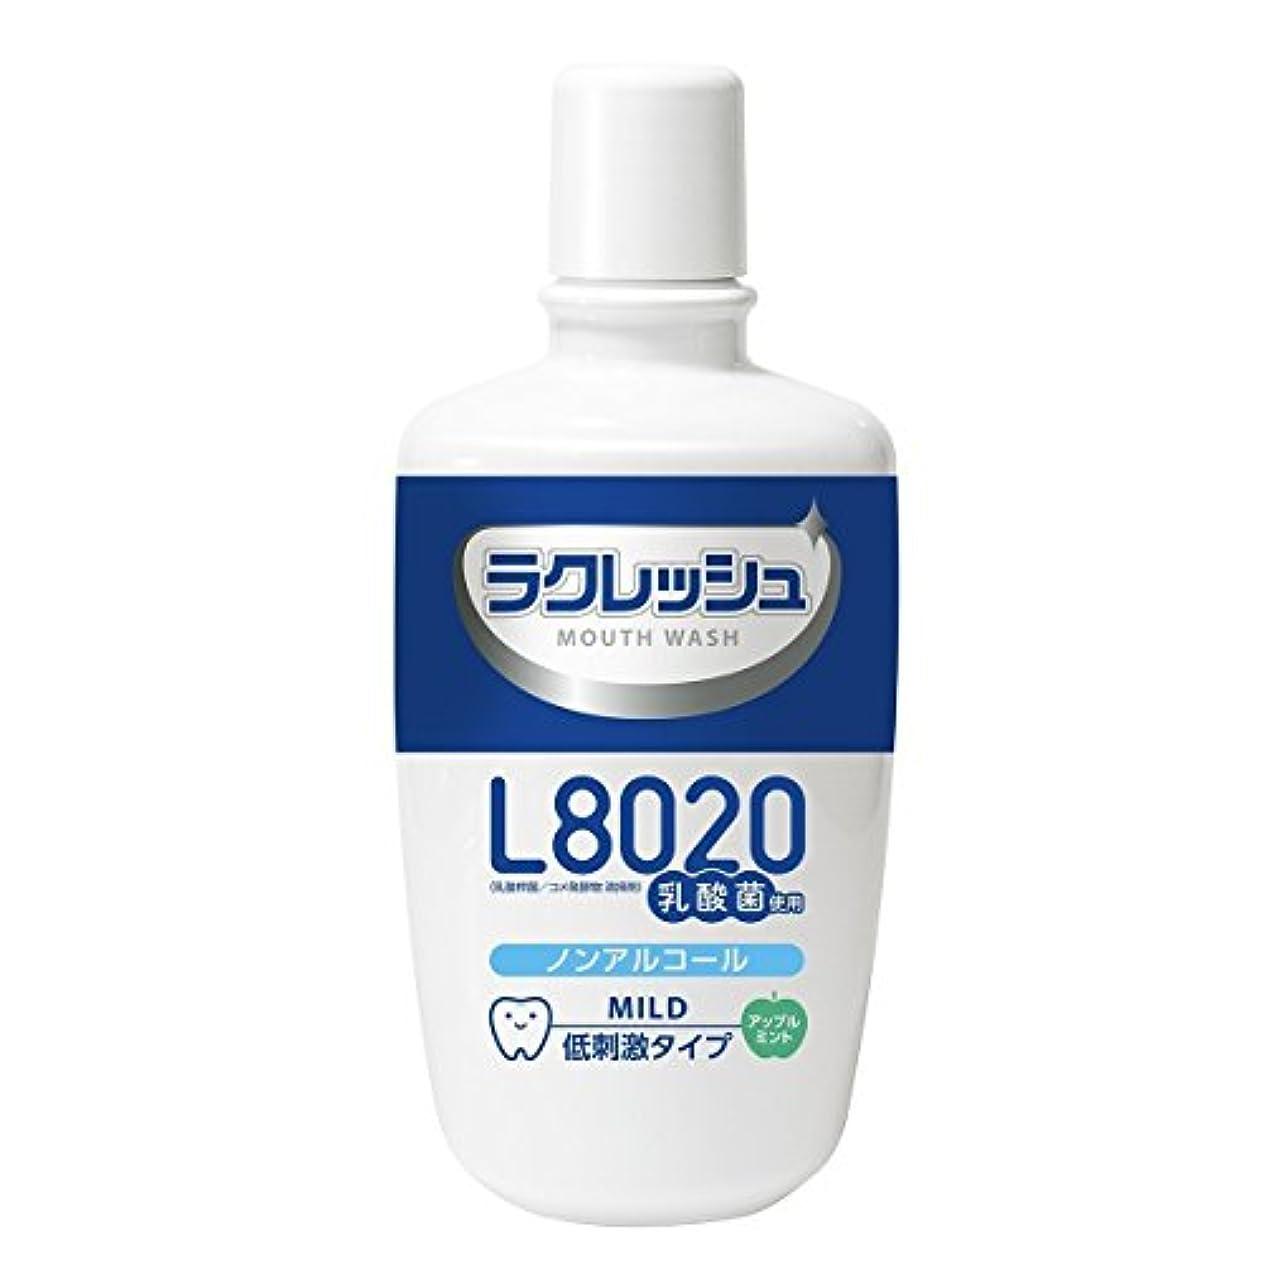 ハグ見てバーガーラクレッシュ L8020菌 マウスウォッシュ 12本セット